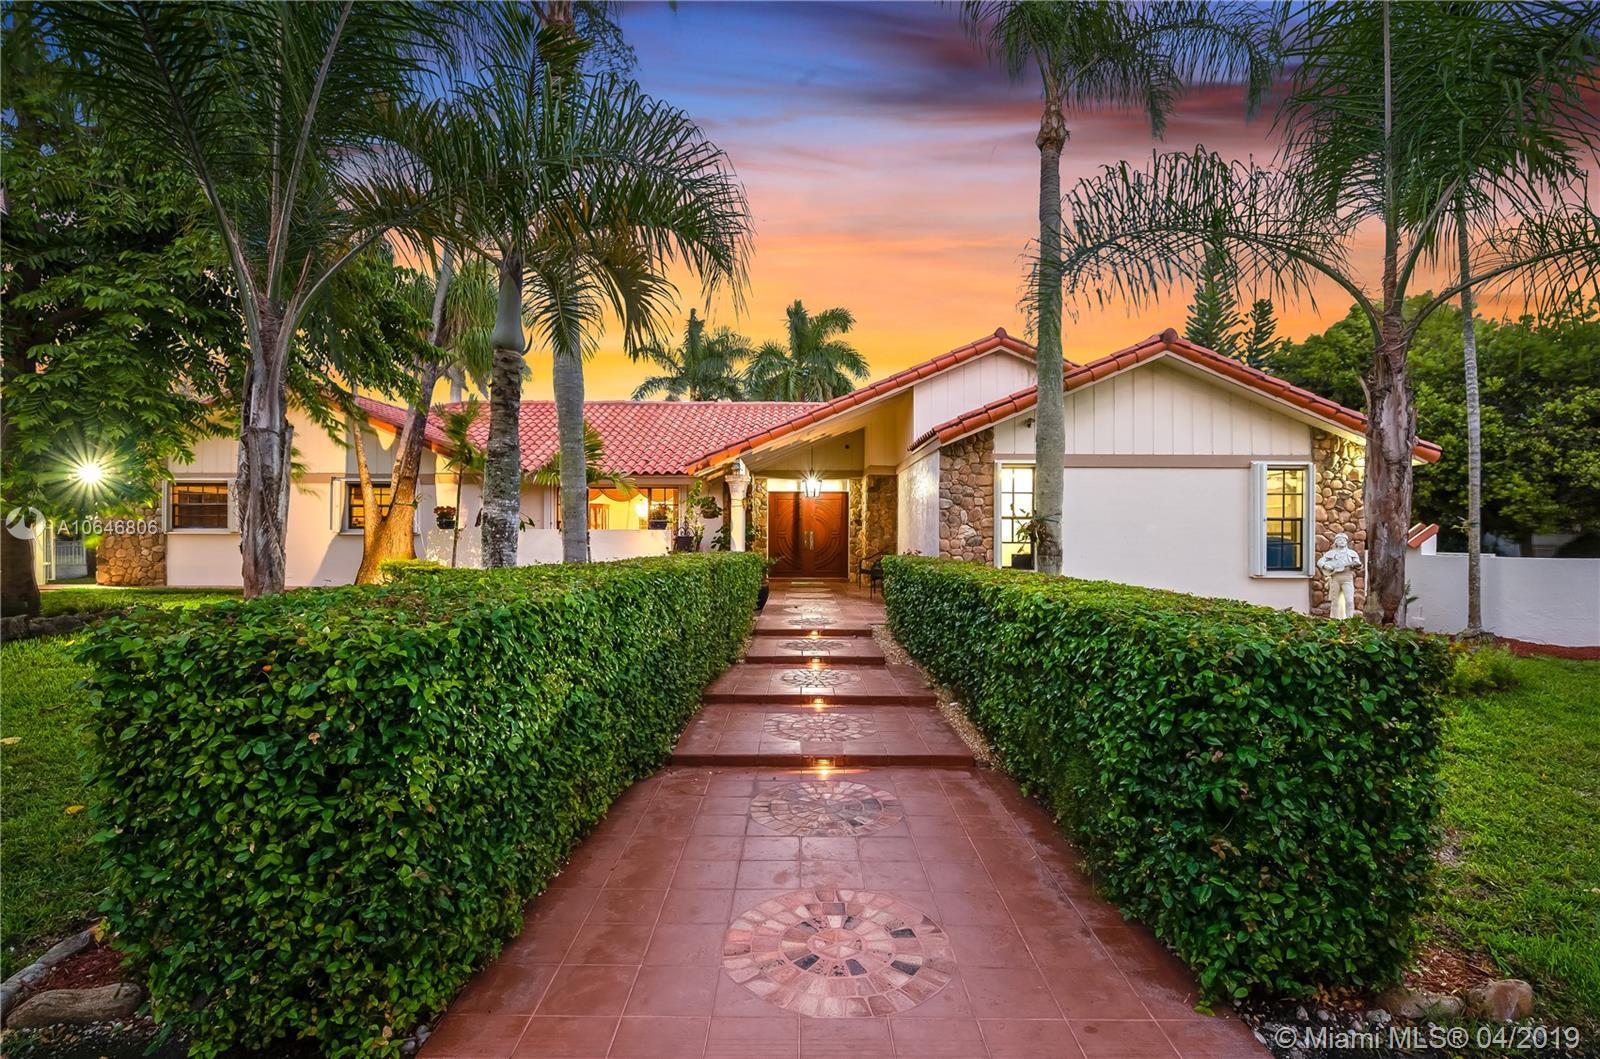 4051 SW 126th Ave, Miramar, FL 33027 - Miramar, FL real estate listing